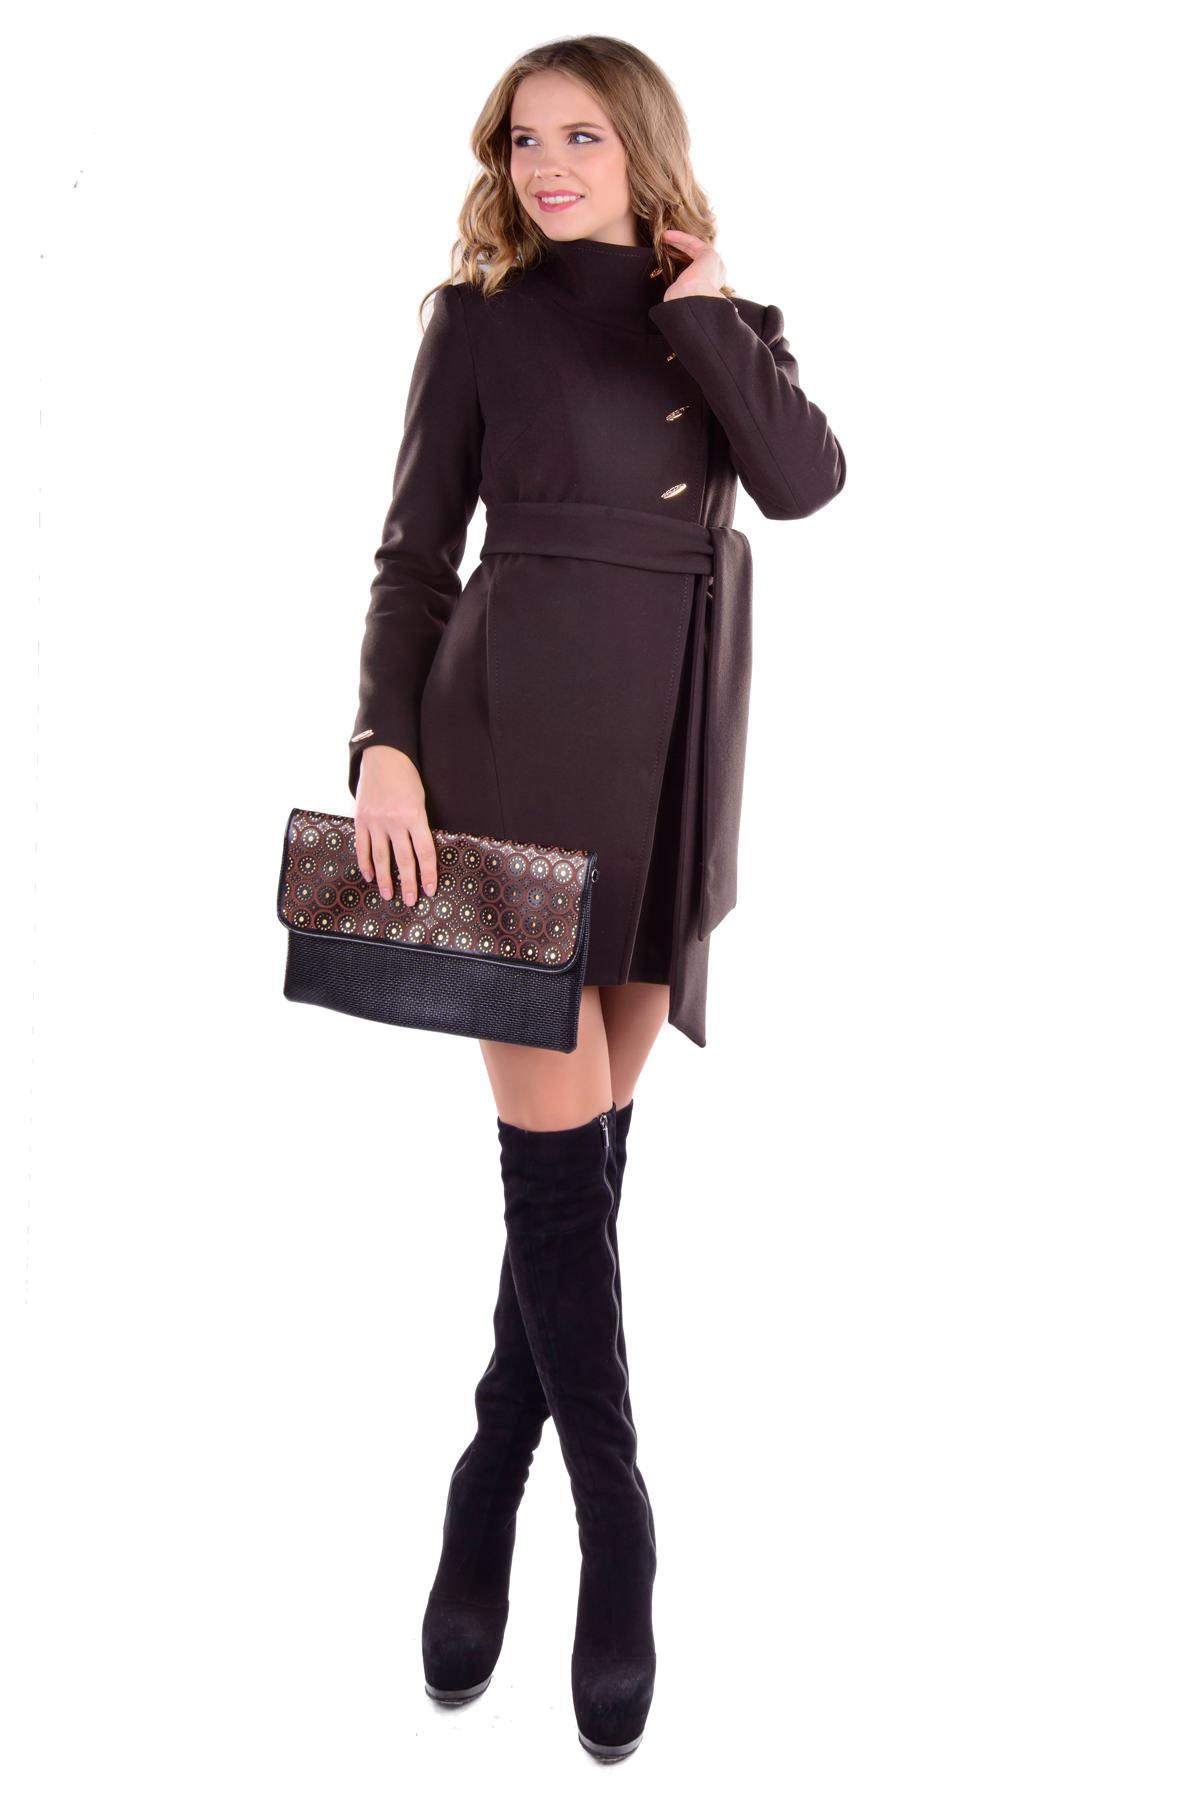 Женское пальто оптом и в розницу  Купить пальто в Москве